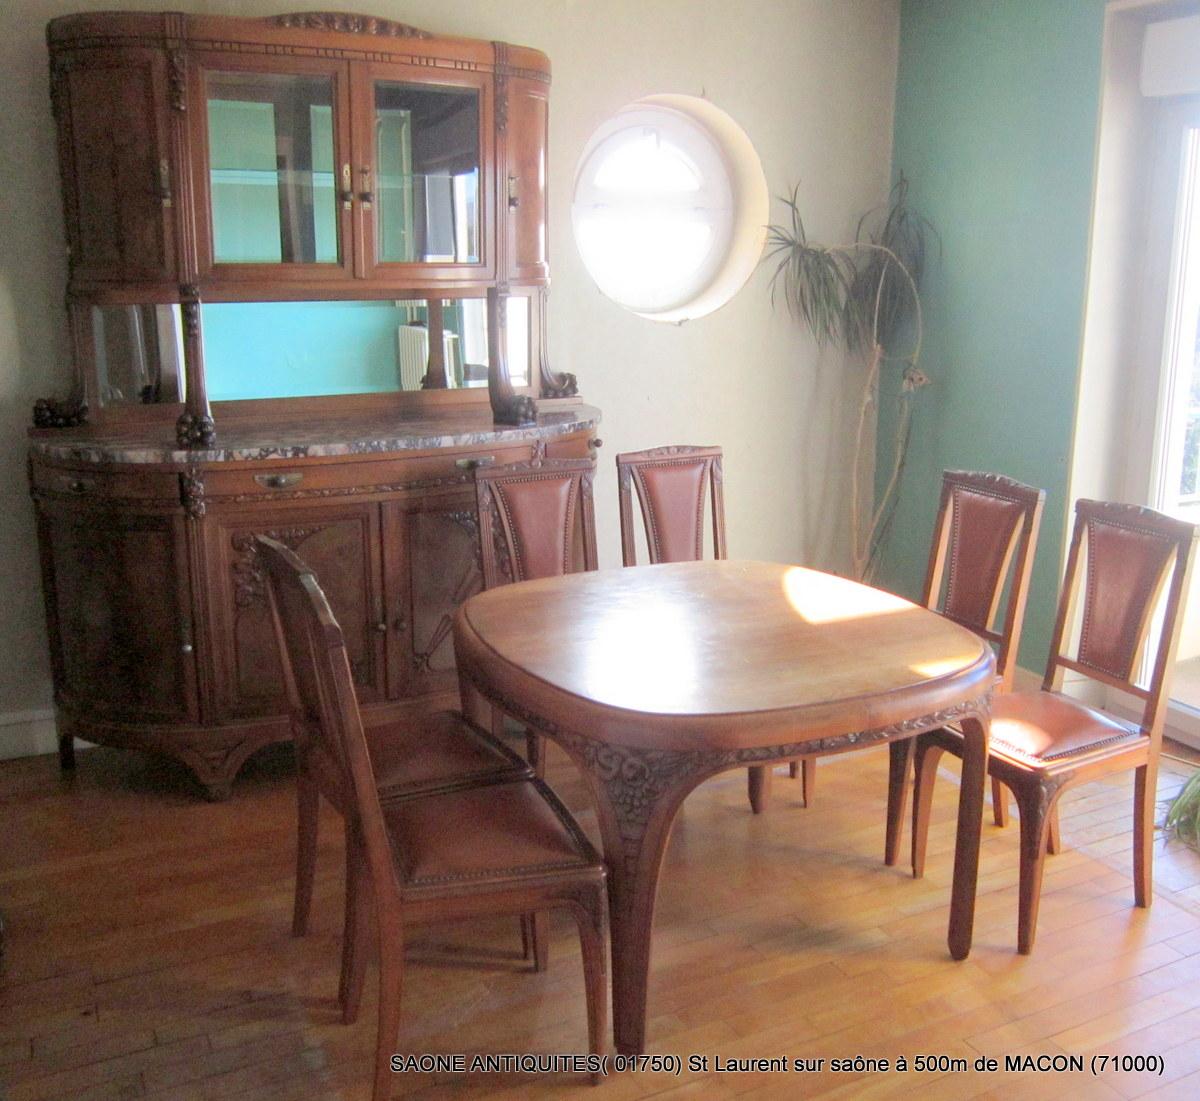 #90613B Salle à Manger Art Déco 1930 Noyer Autres Meubles 5011 salle à manger art déco occasion 1200x1101 px @ aertt.com